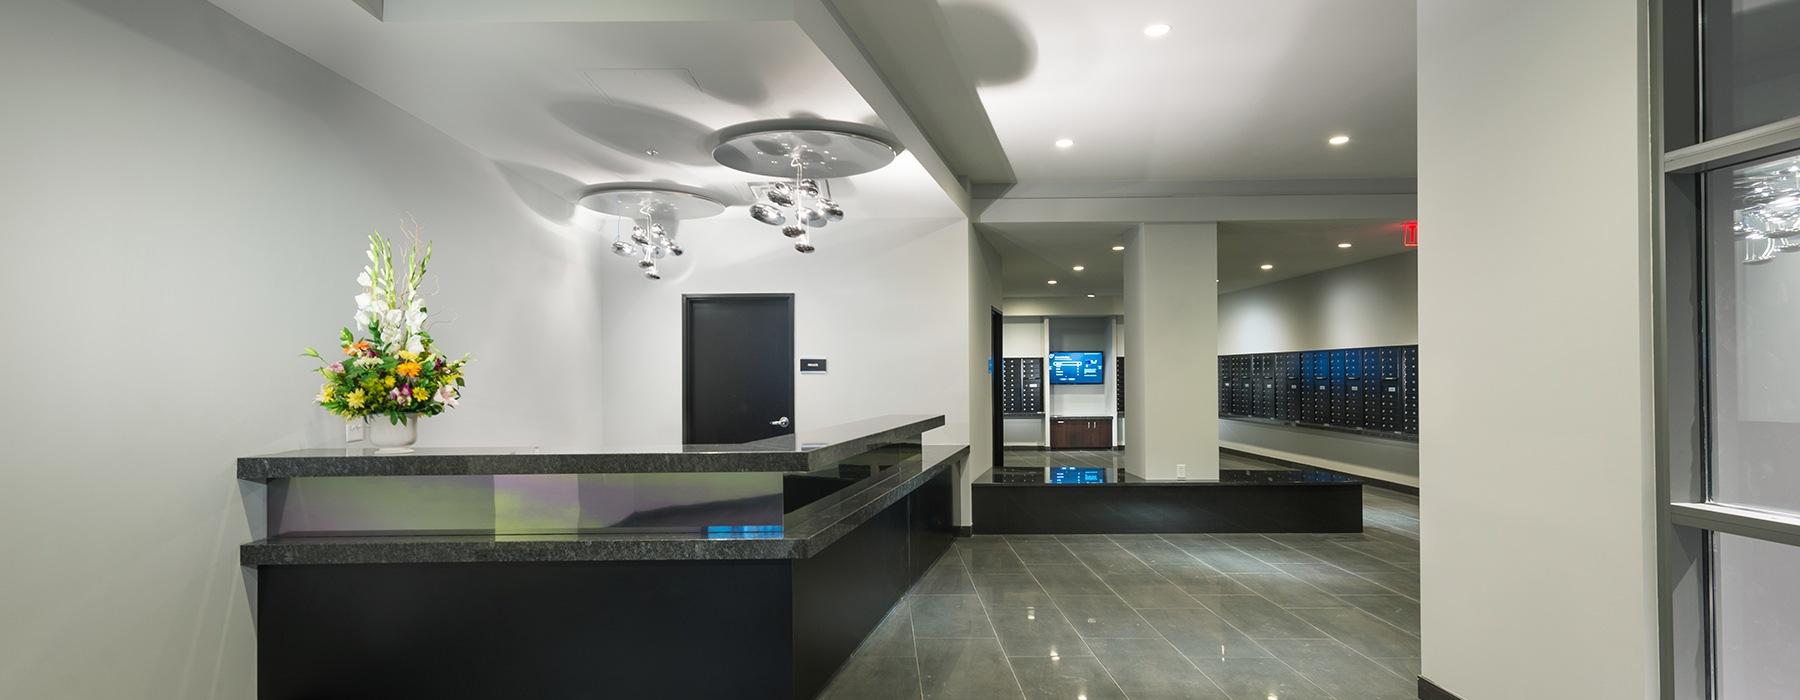 Concierge office